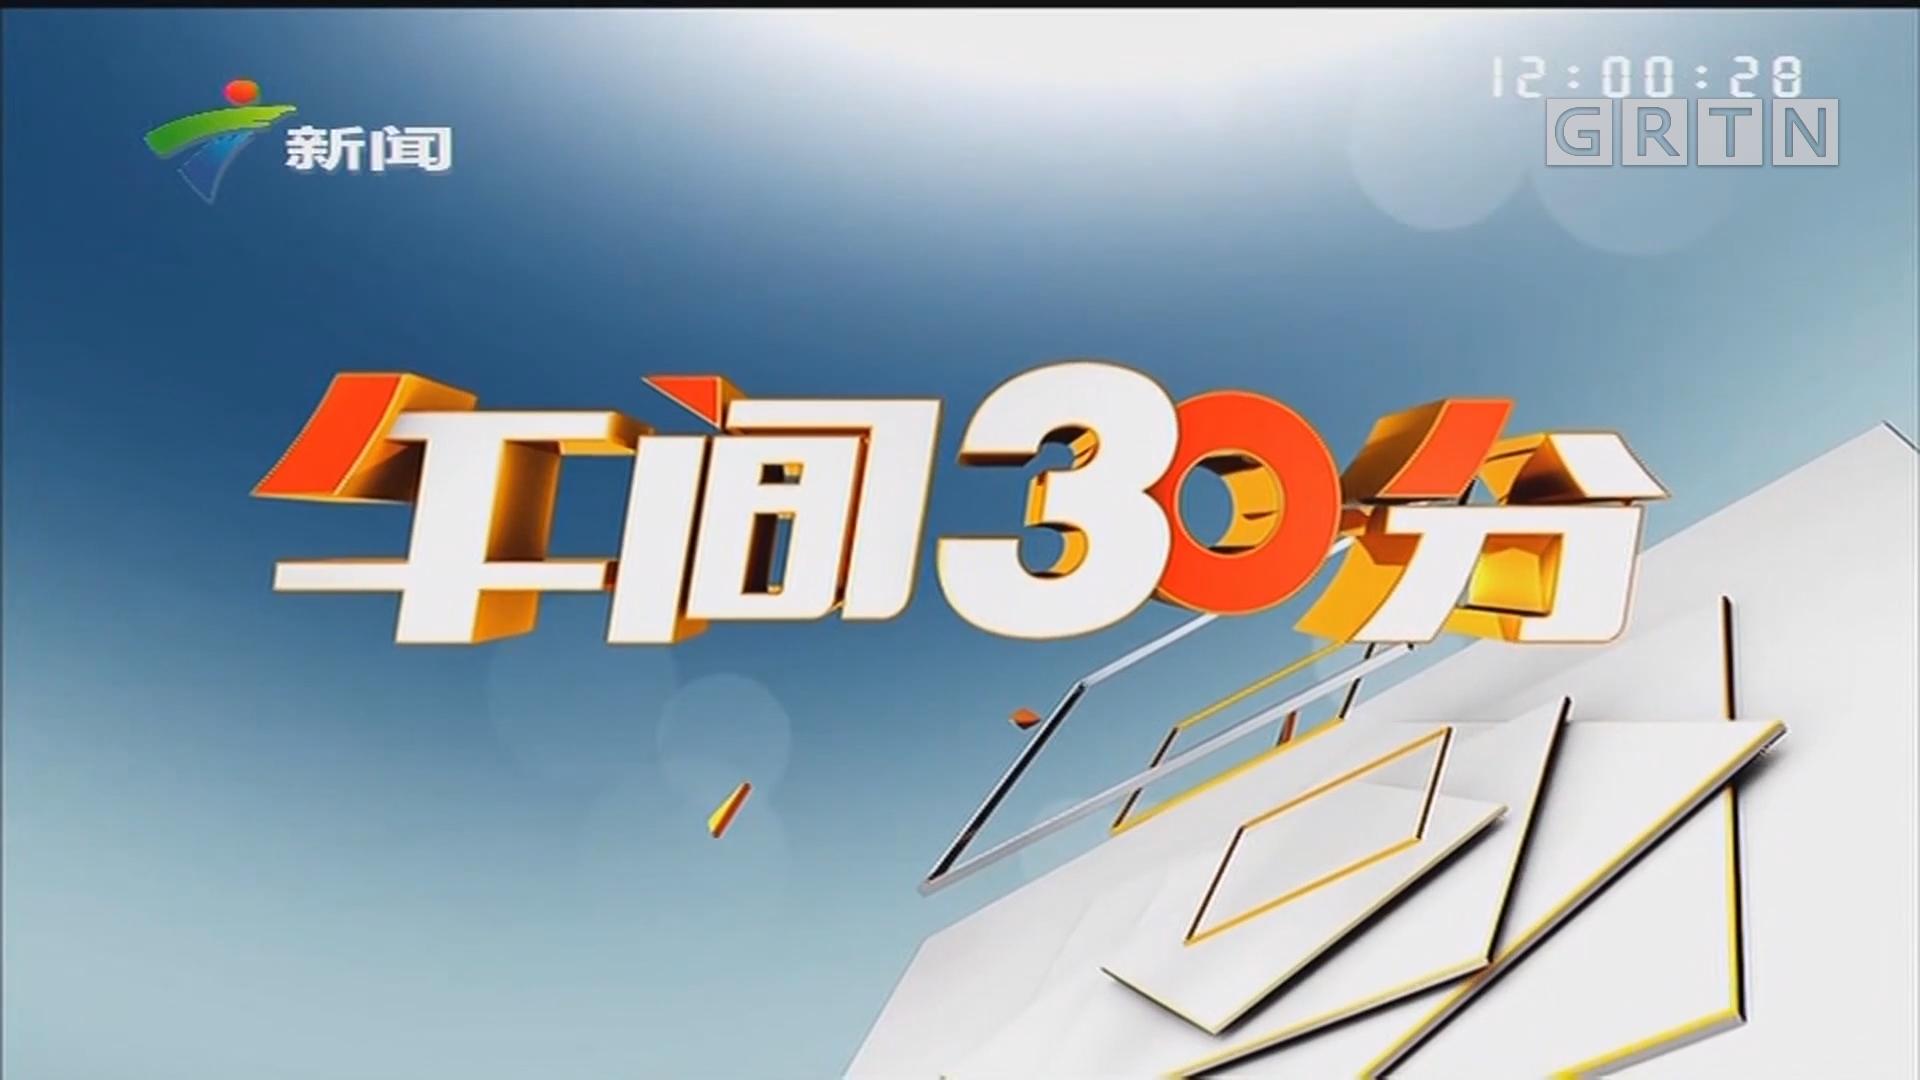 [HD][2019-09-04]午间30分:广州:海珠广场升级工程 现场工人进行最后恢复施工